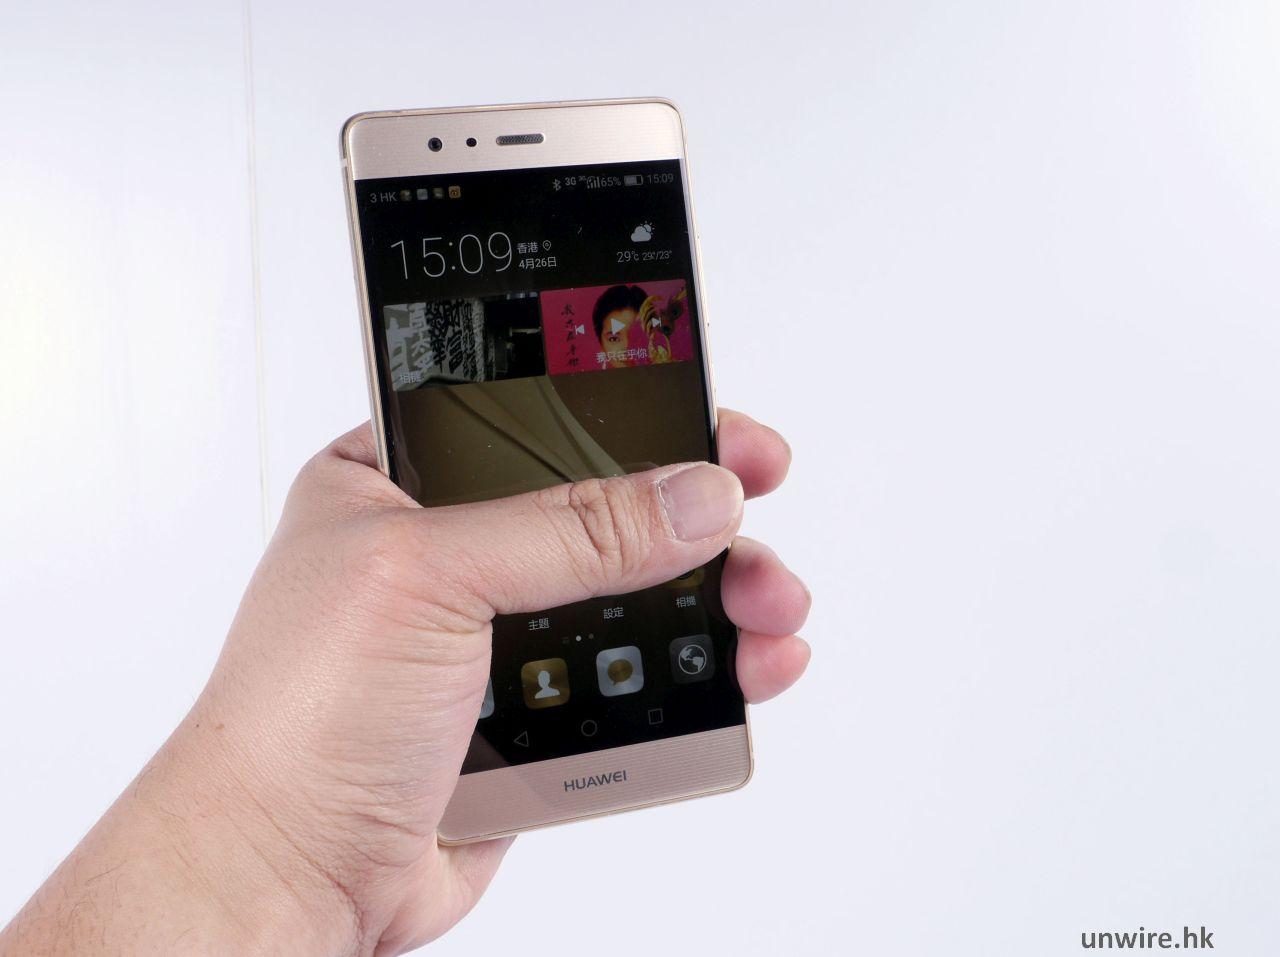 $3,880 起!Huawei 香港發佈 P9 系列 - 香港 unwire.hk